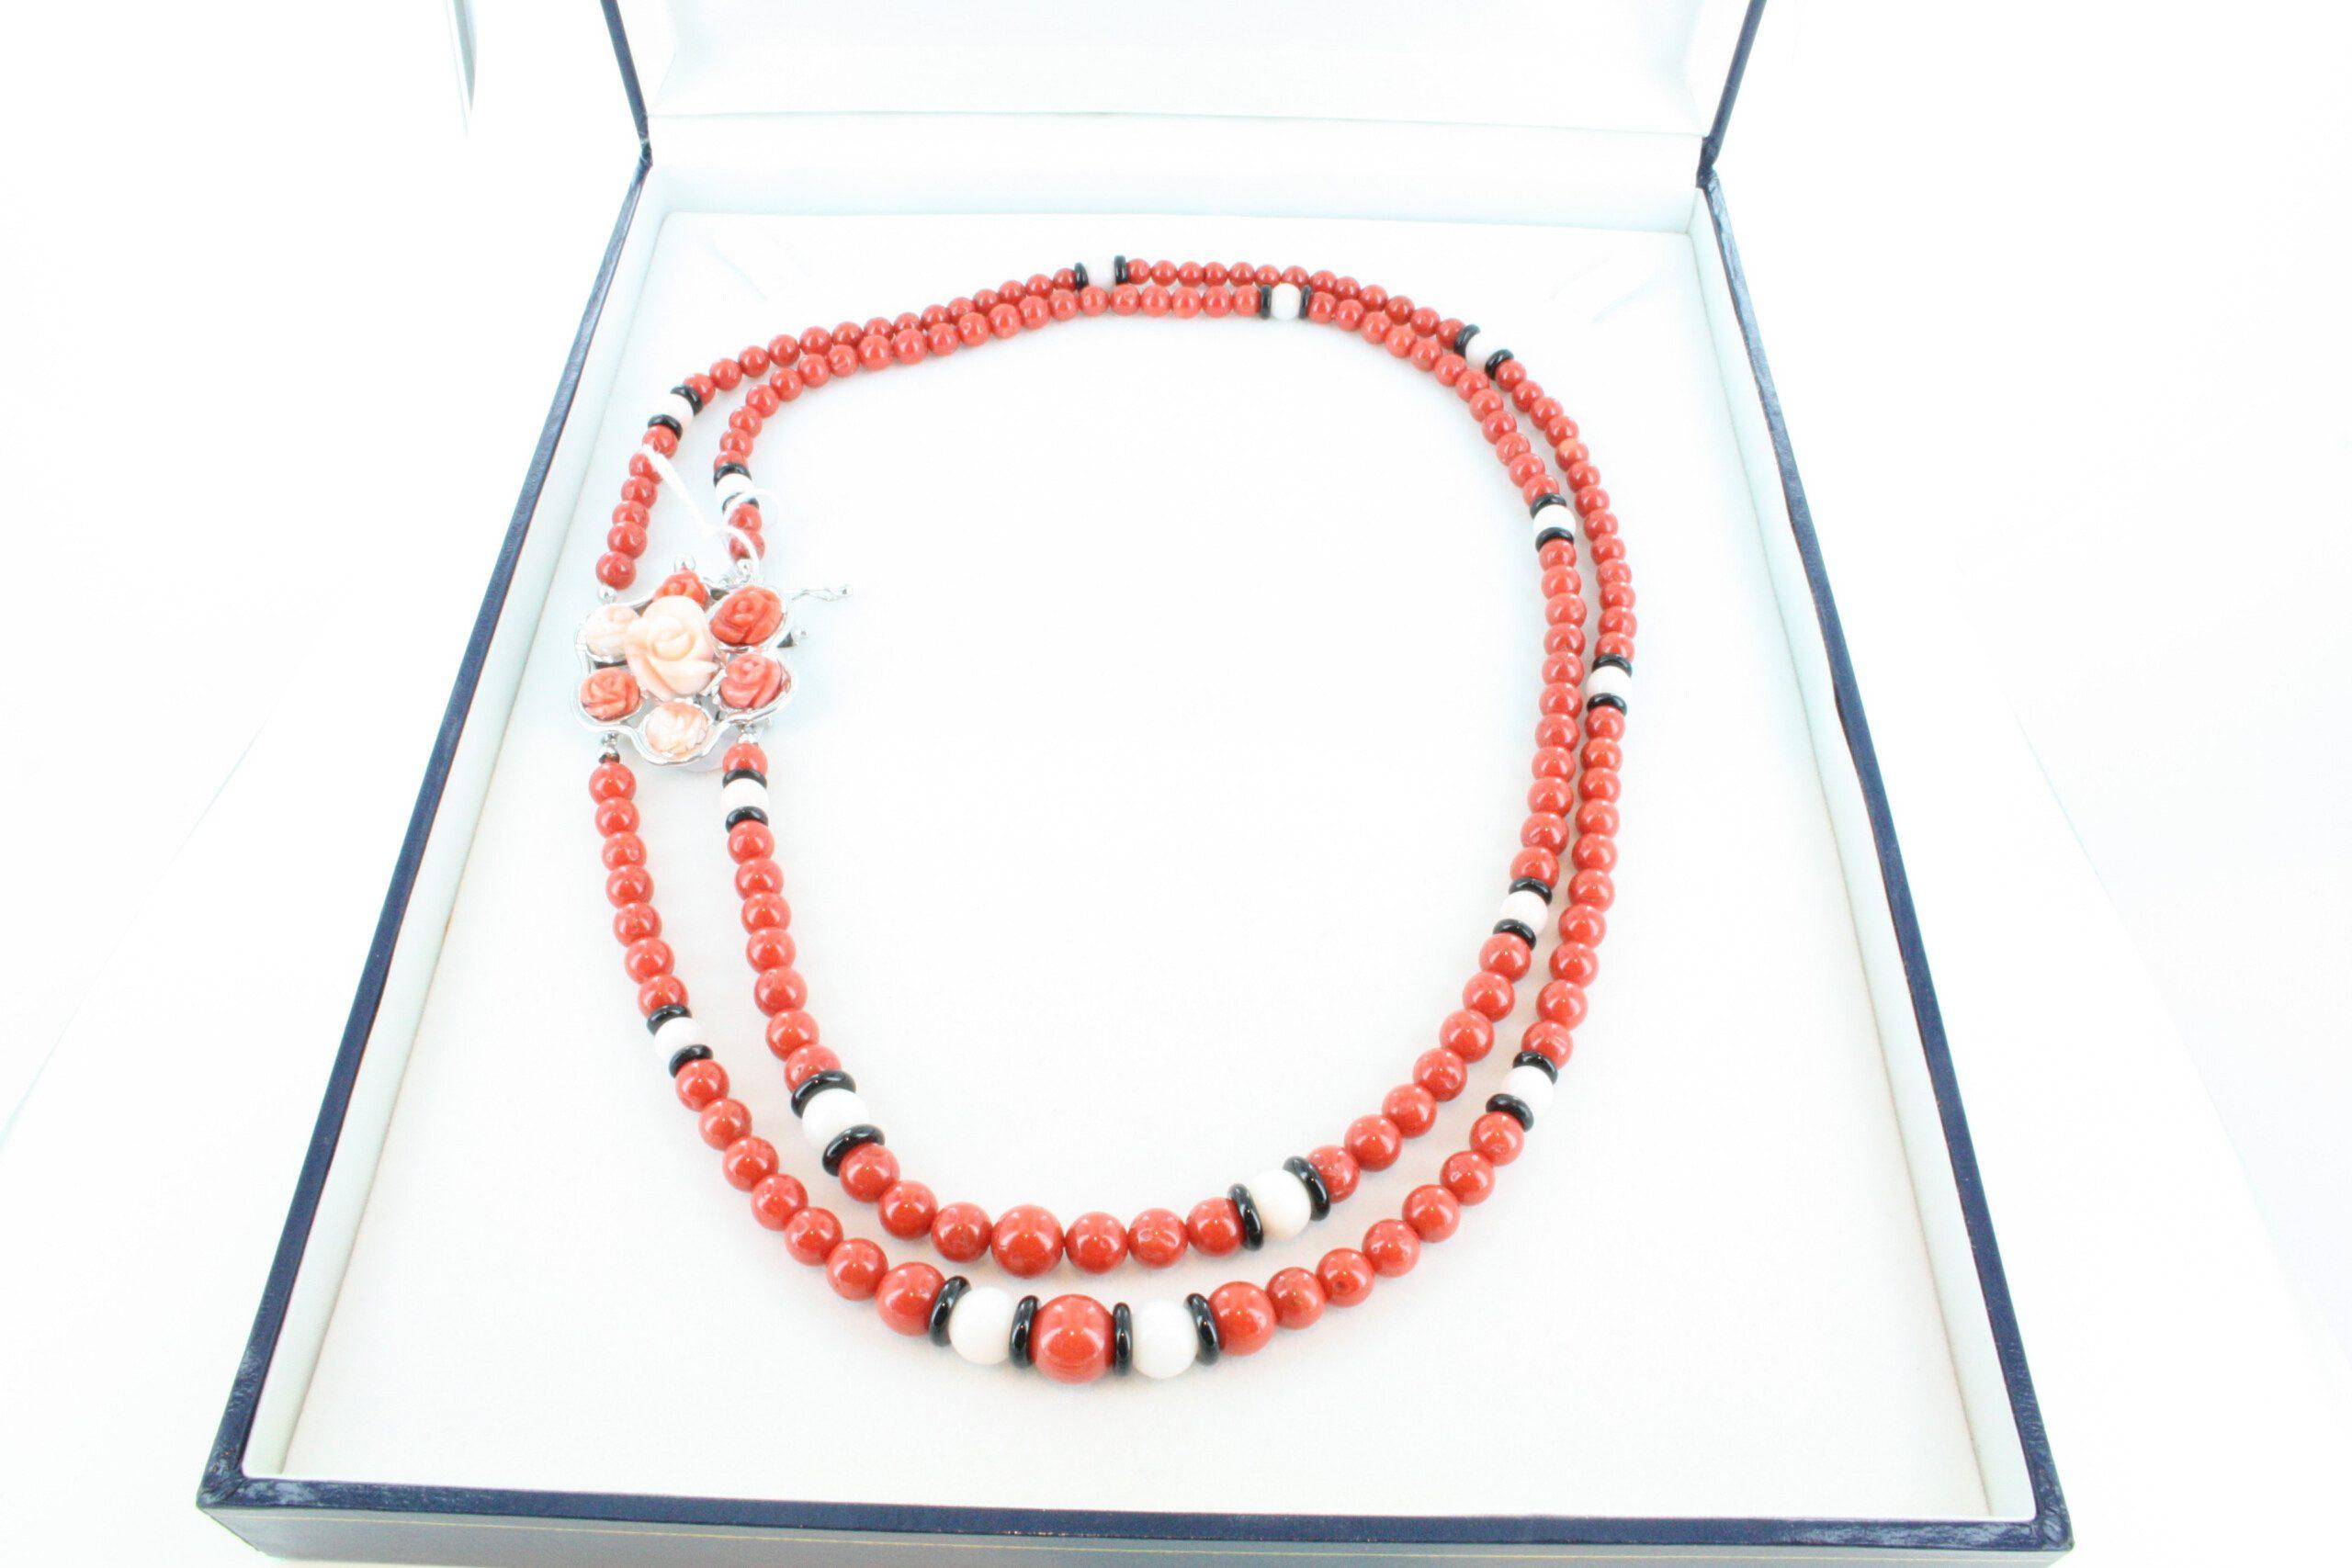 Collier en corail rouge et argent CO-CO-AR-047